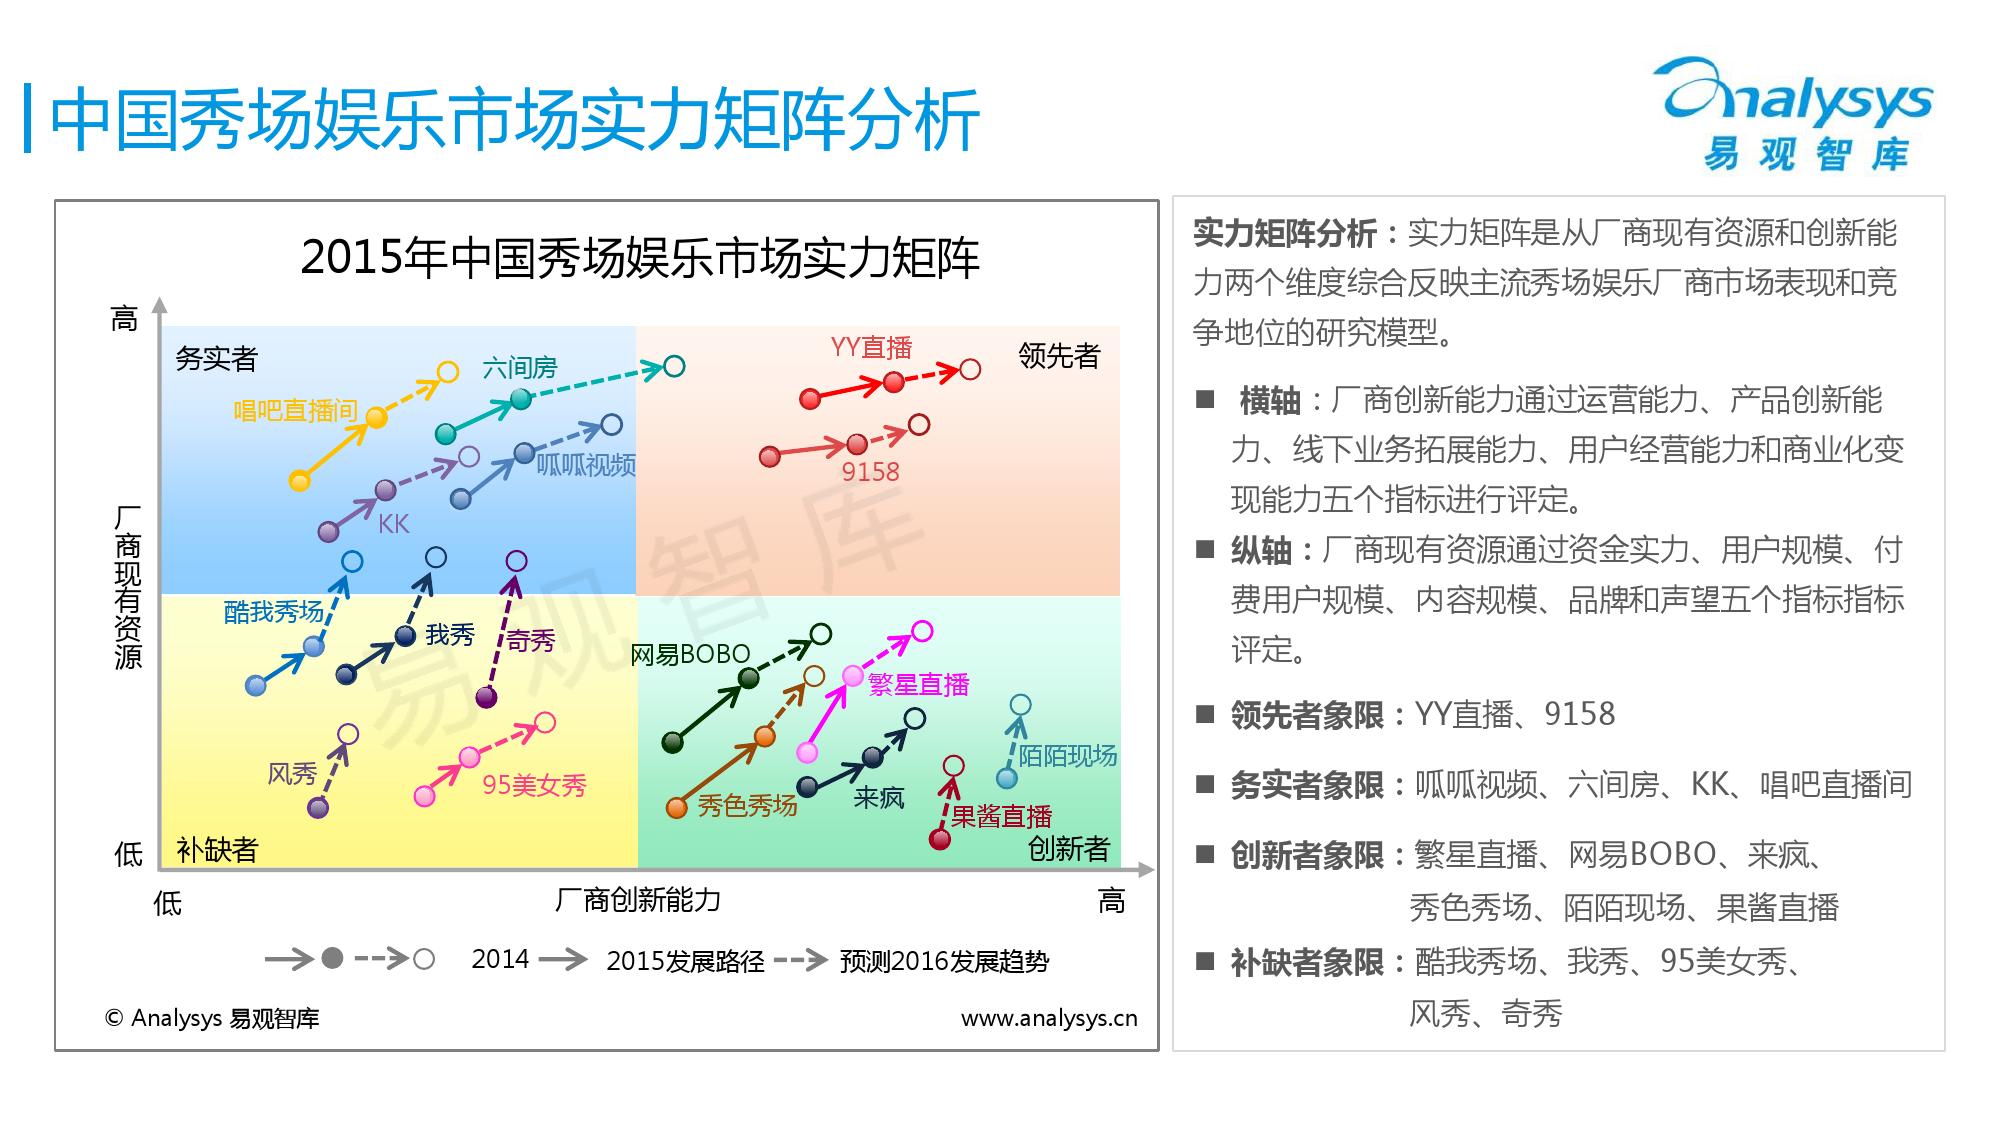 中国秀场娱乐市场专题研究报告2016_000018